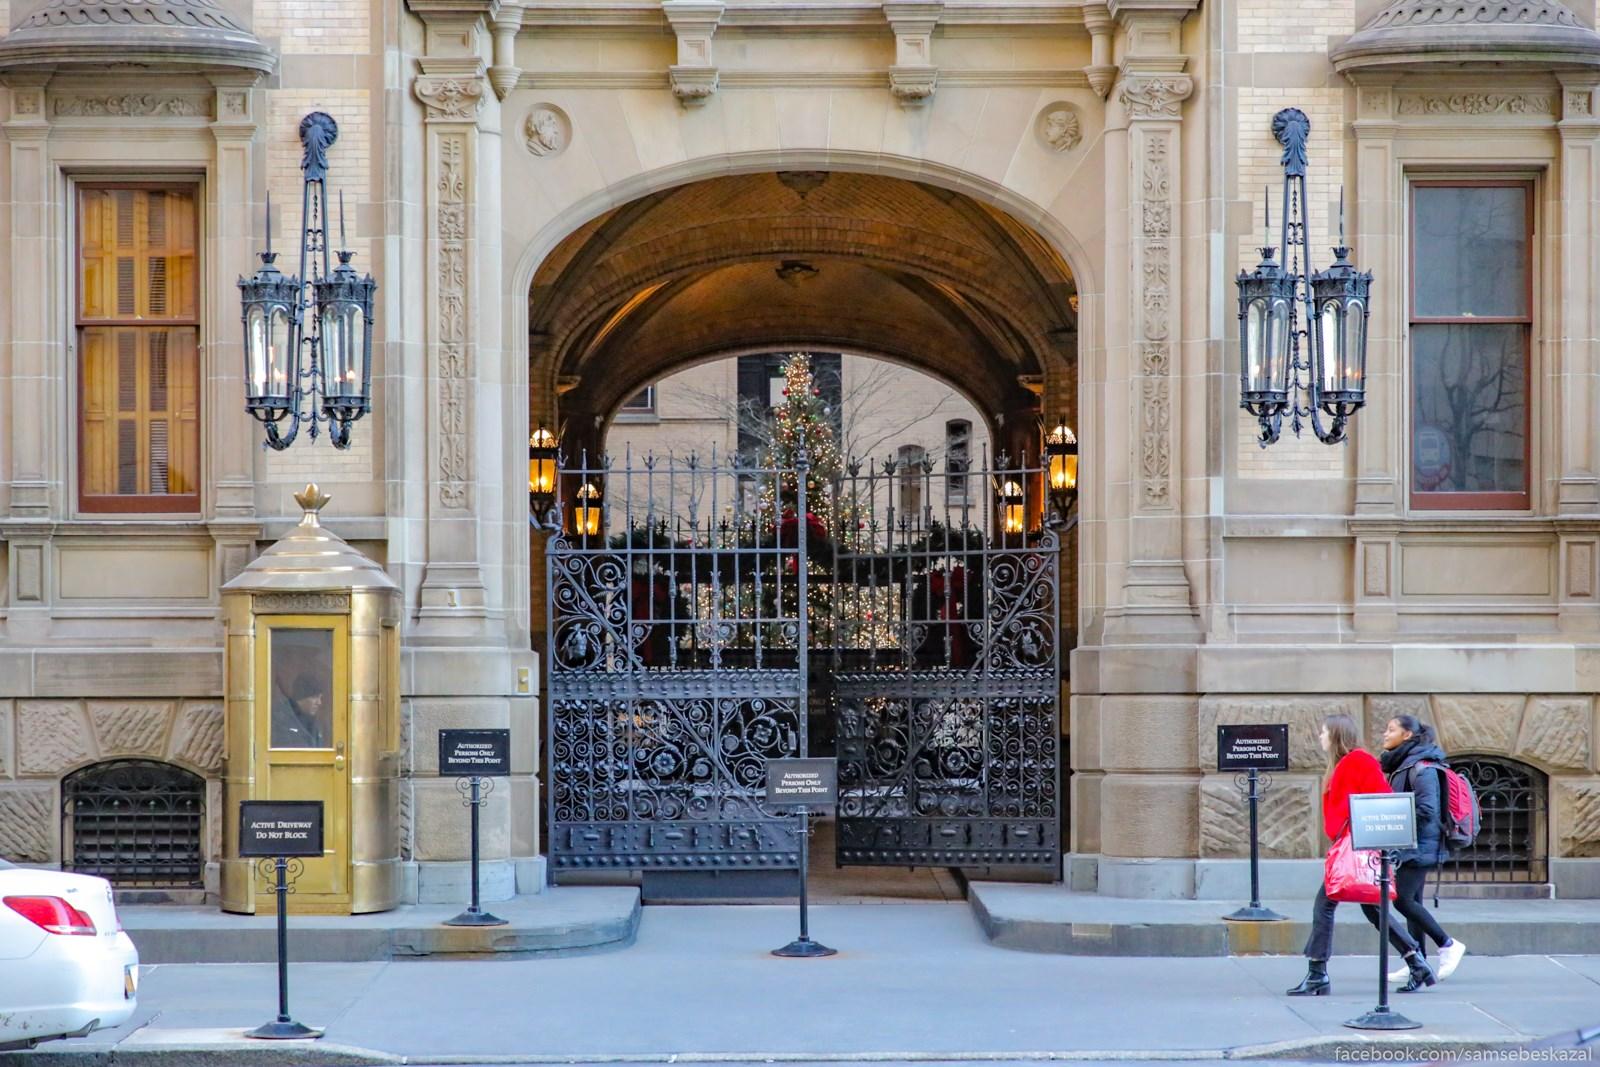 Utro 24-go dekabra. Pecalʹno znamenityj vhod v znamenityj ziloj dom Dakota na 72-j ulice.